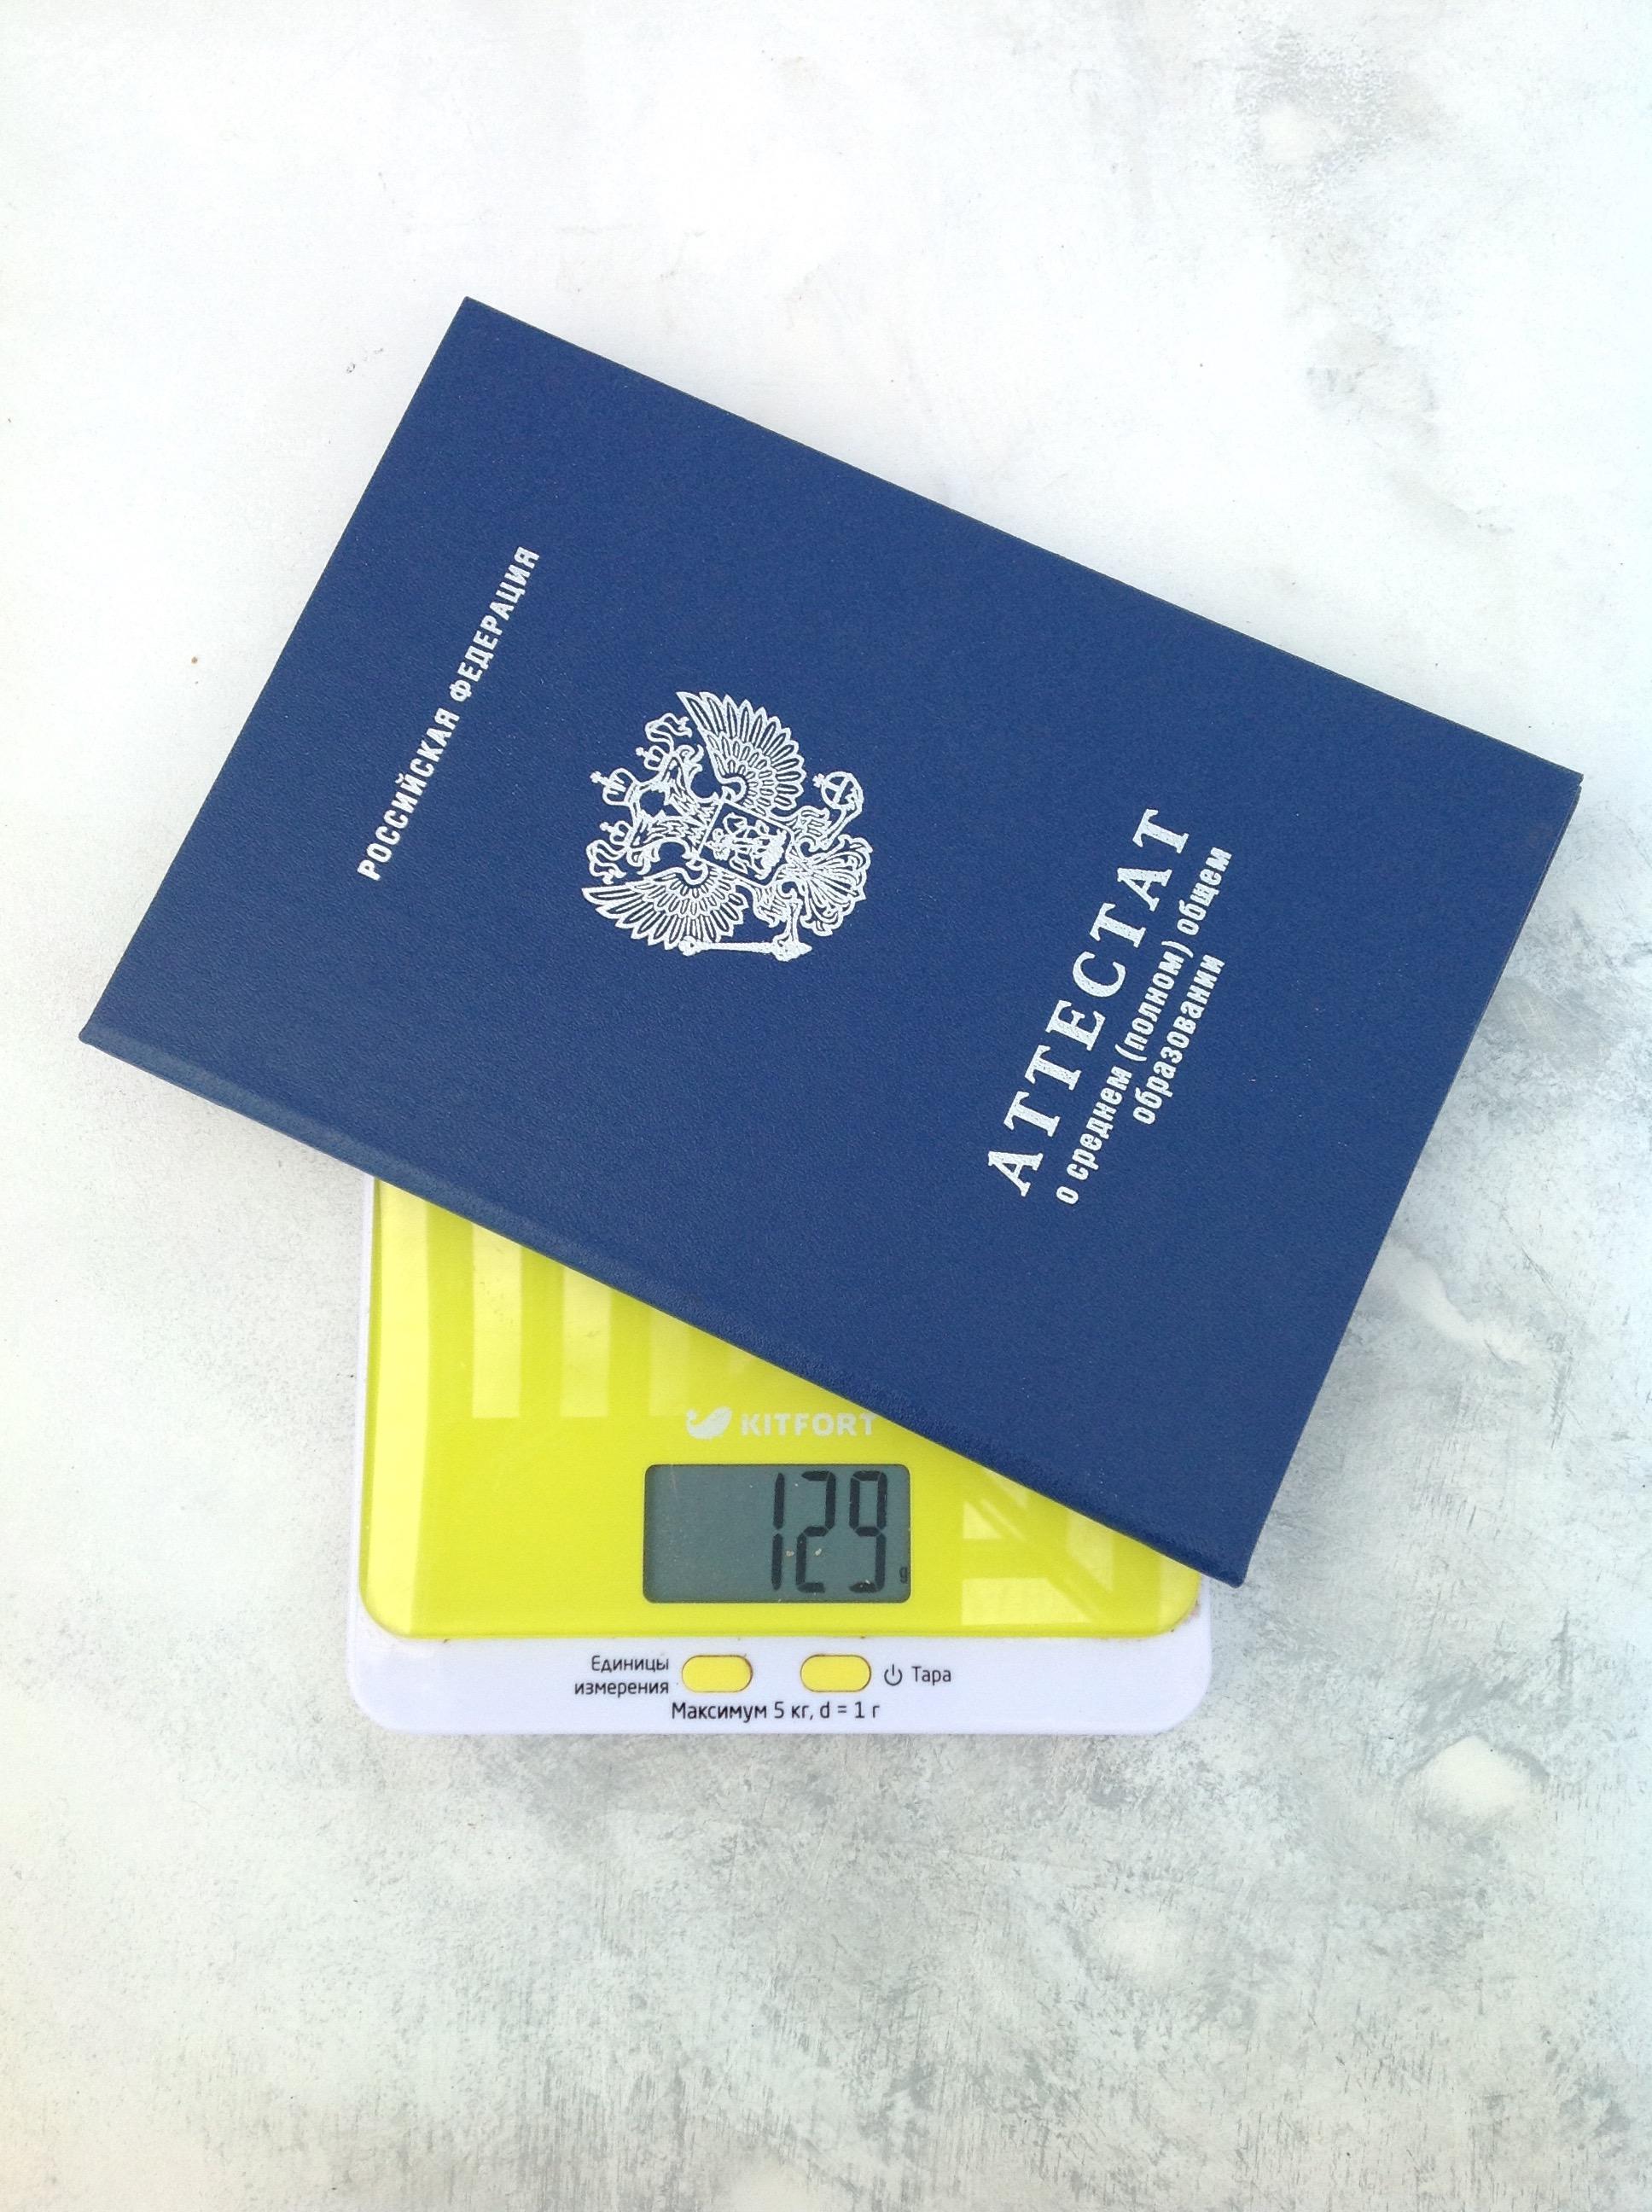 вес аттестата о среднем образовании